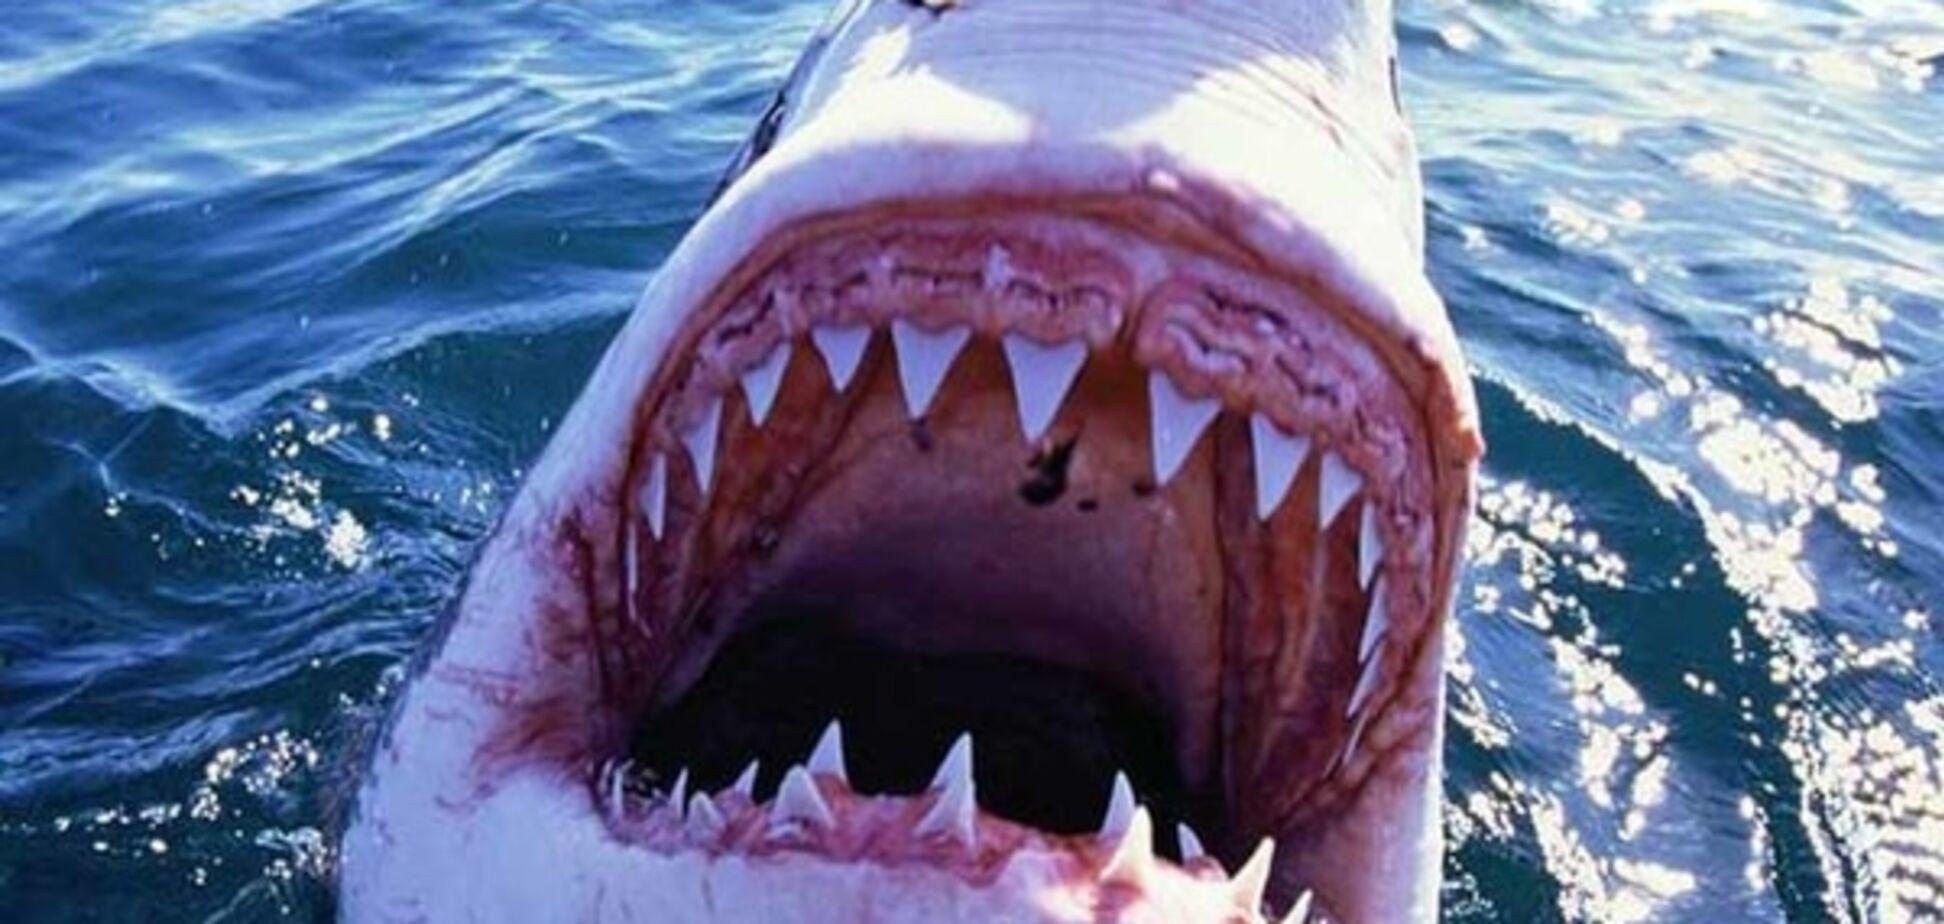 Напад акули врятував життя американцю, хворому на рак